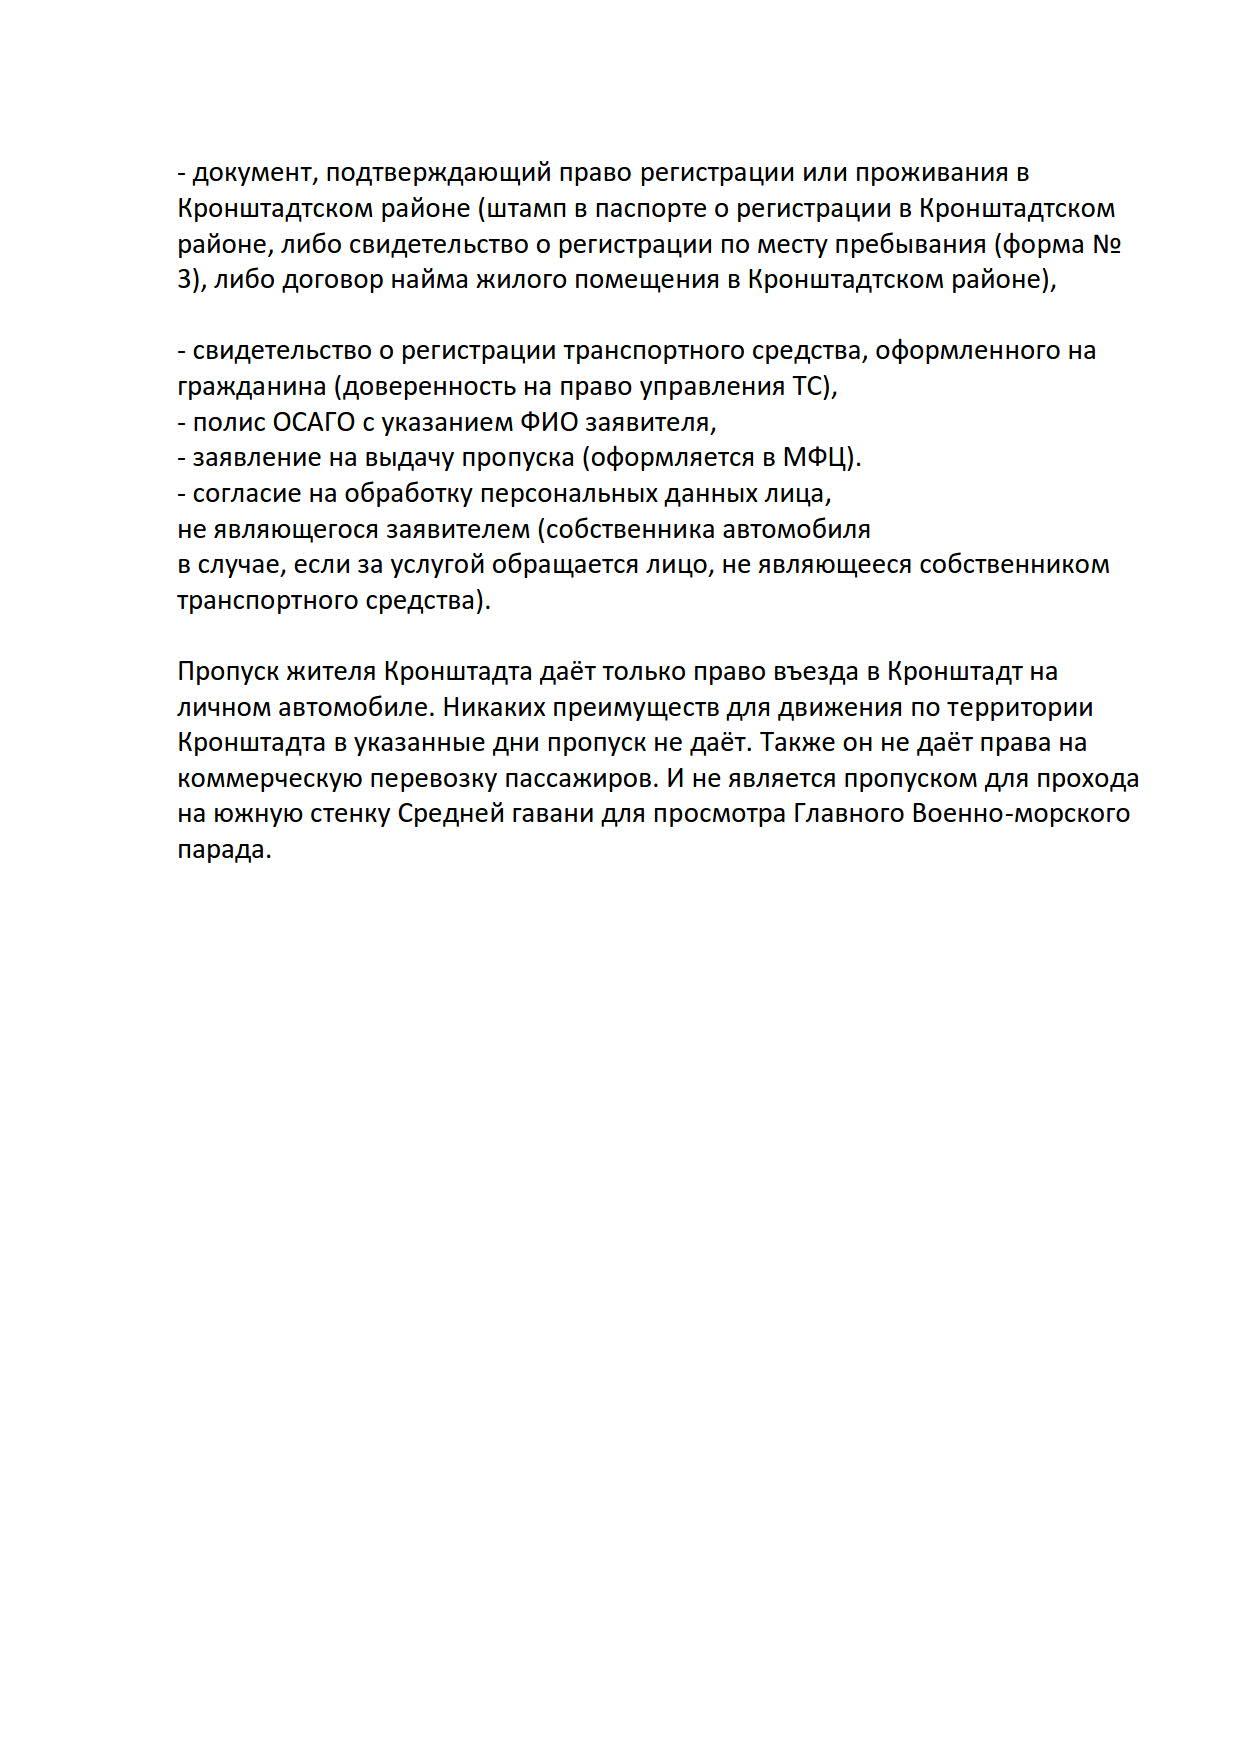 Запрет въезда в Кронштадт для личного и грузового транспорта_2